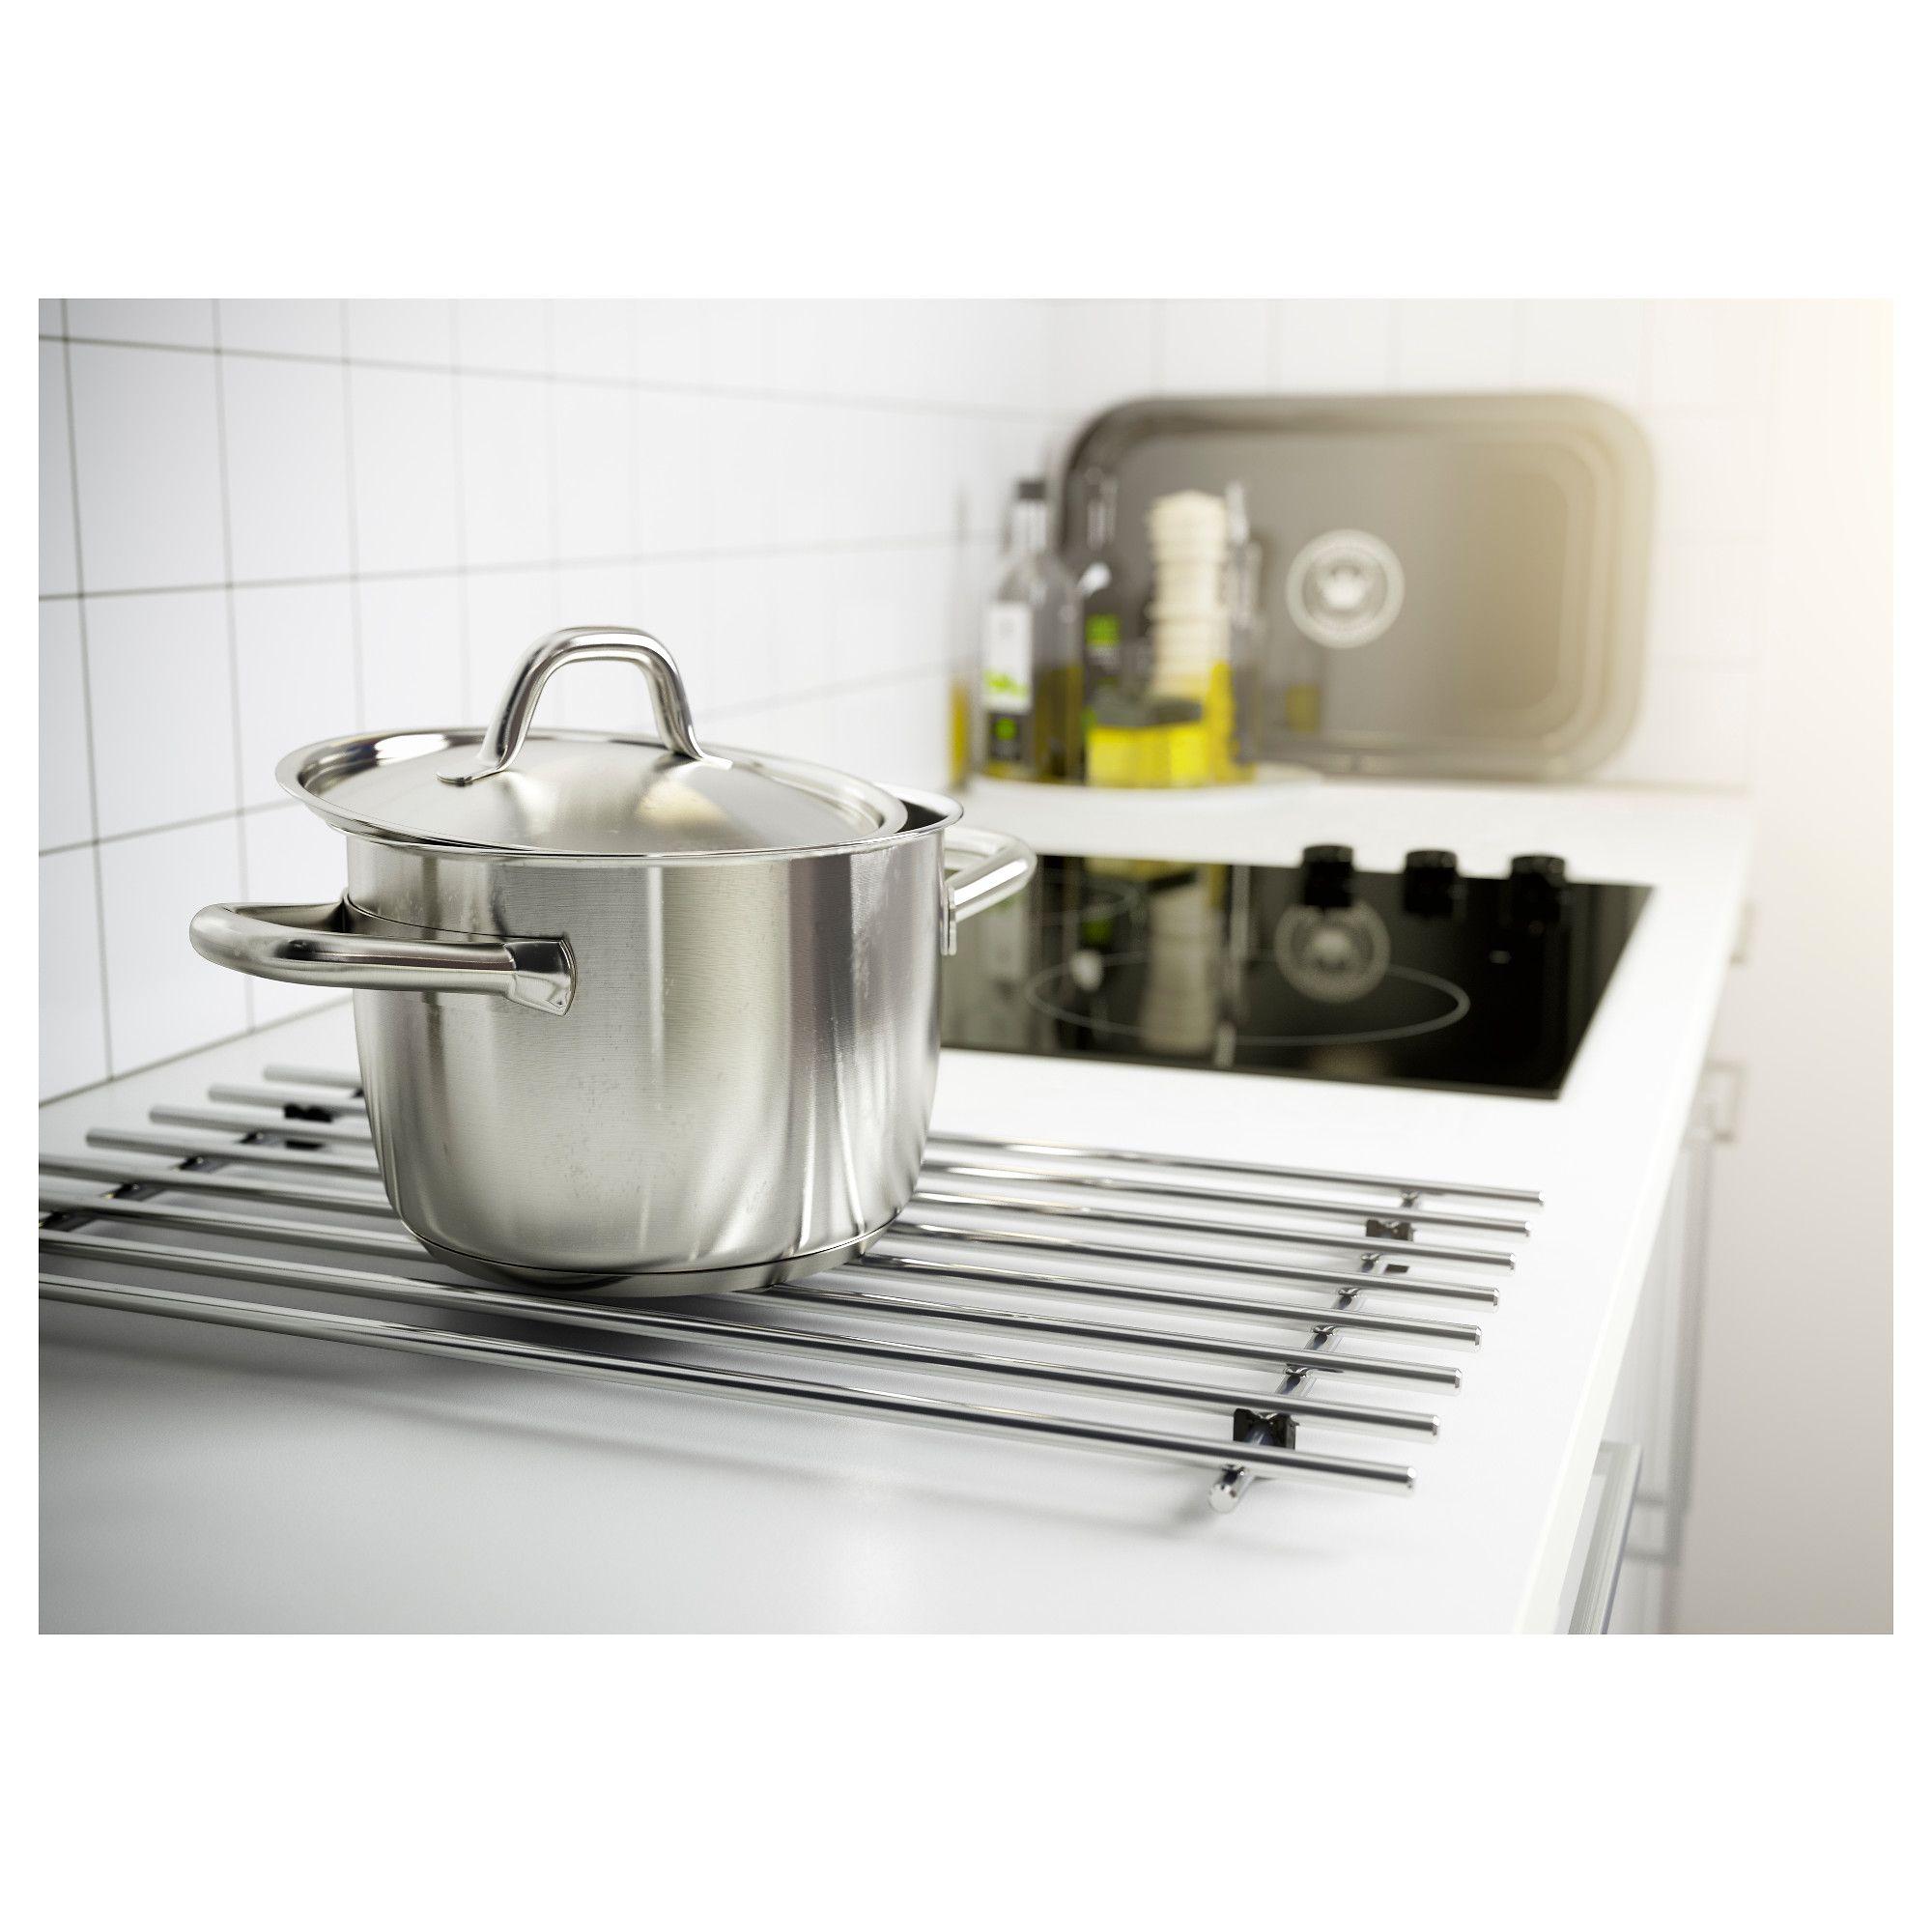 Ikea Kitchen Usa: IKEA - LÄMPLIG Trivet Stainless Steel